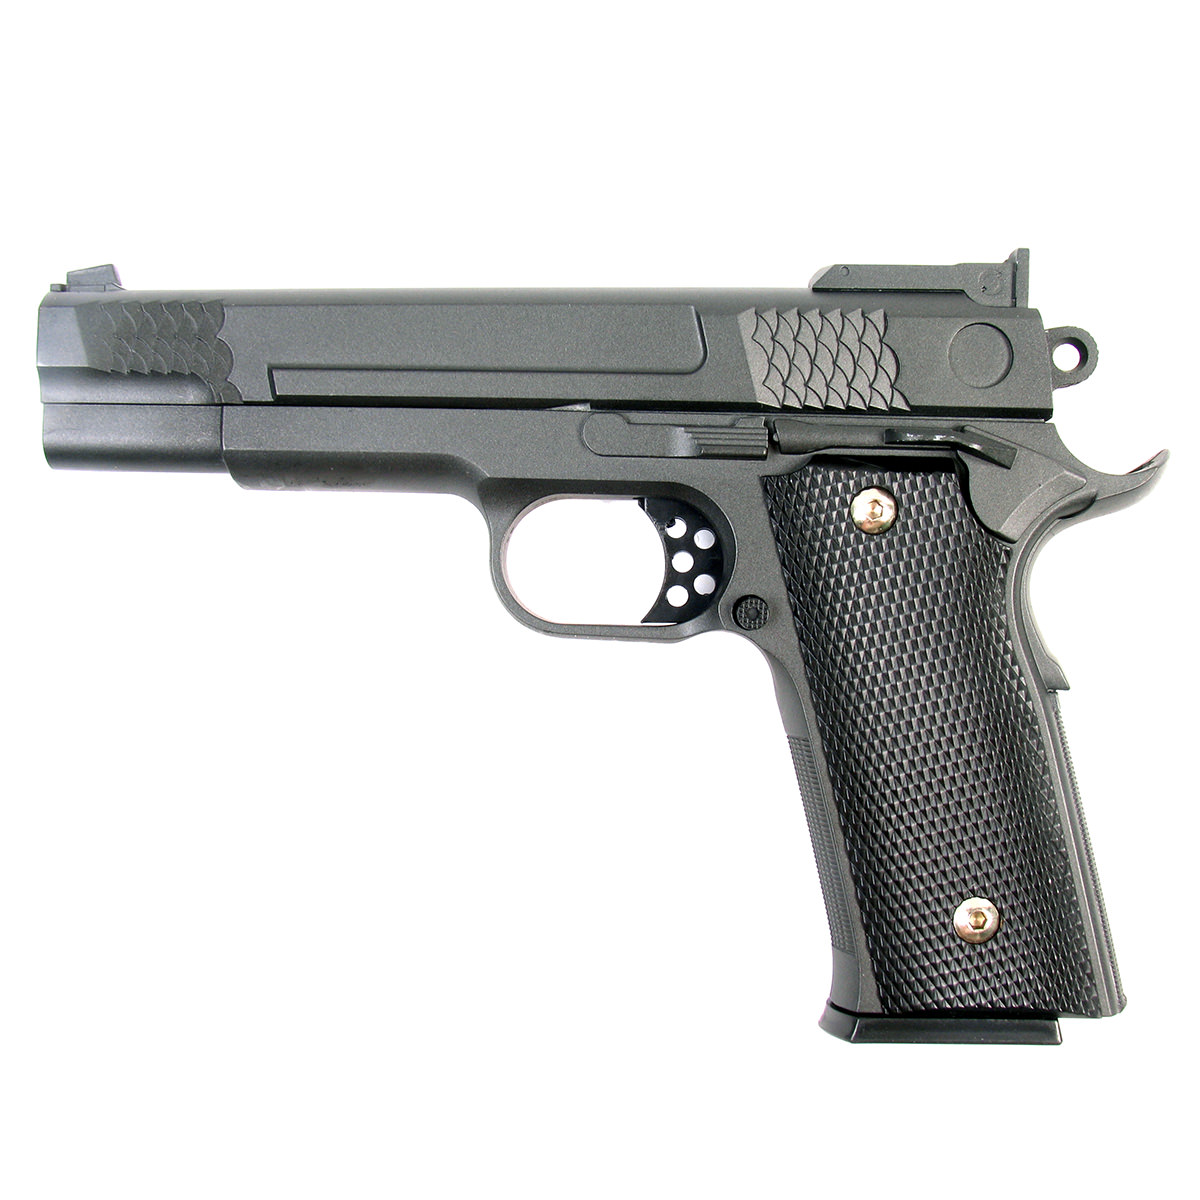 Пружинный пистолет G.20 является репликой известного пистолета Smith & Wesson 1911. Корпус пистолета цельнометаллический. В магазин вмещается 15 шариков BB 6 мм. Выстрел из пистолета осуществляется с помощью пружины, максимальная начальная скорость выстрела не более 50 м/с. Прицельные приспособления не регулируемые, пистолет предназначен для стрельбы на короткие дистанции.